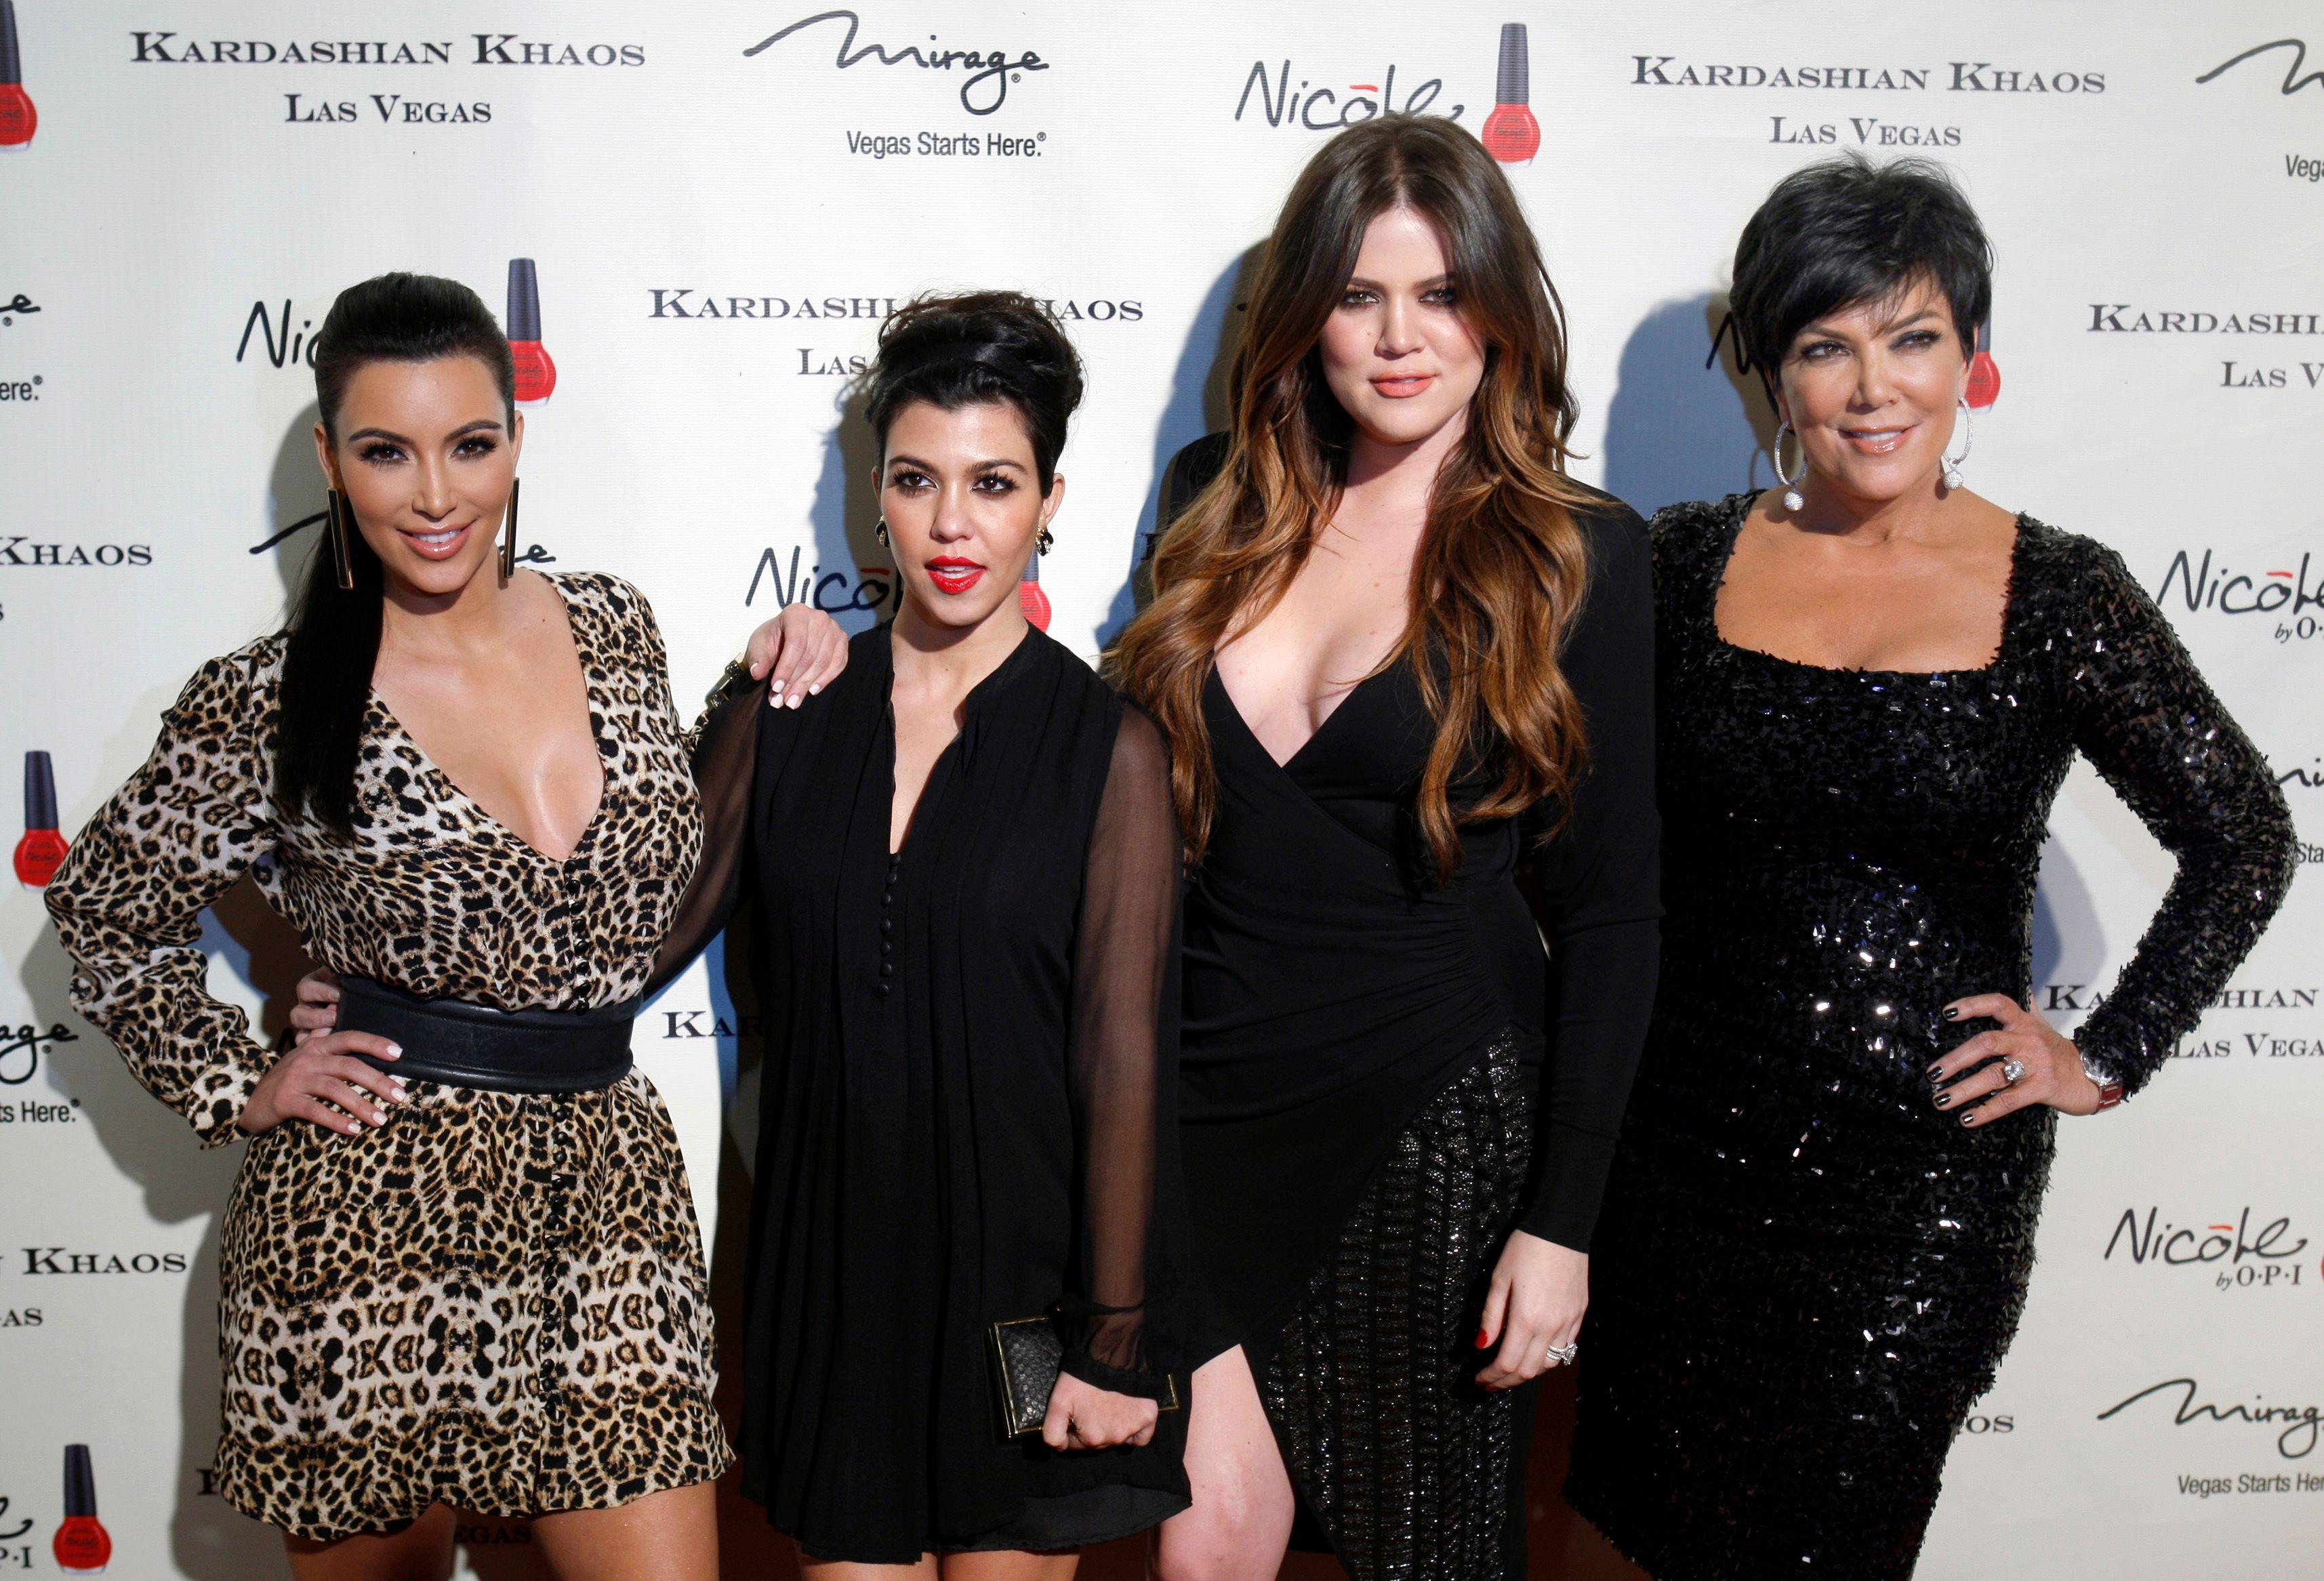 Khloé Kardashian (deuxième en partant de la droite) rencontre des difficultés pour avoir un bébé.